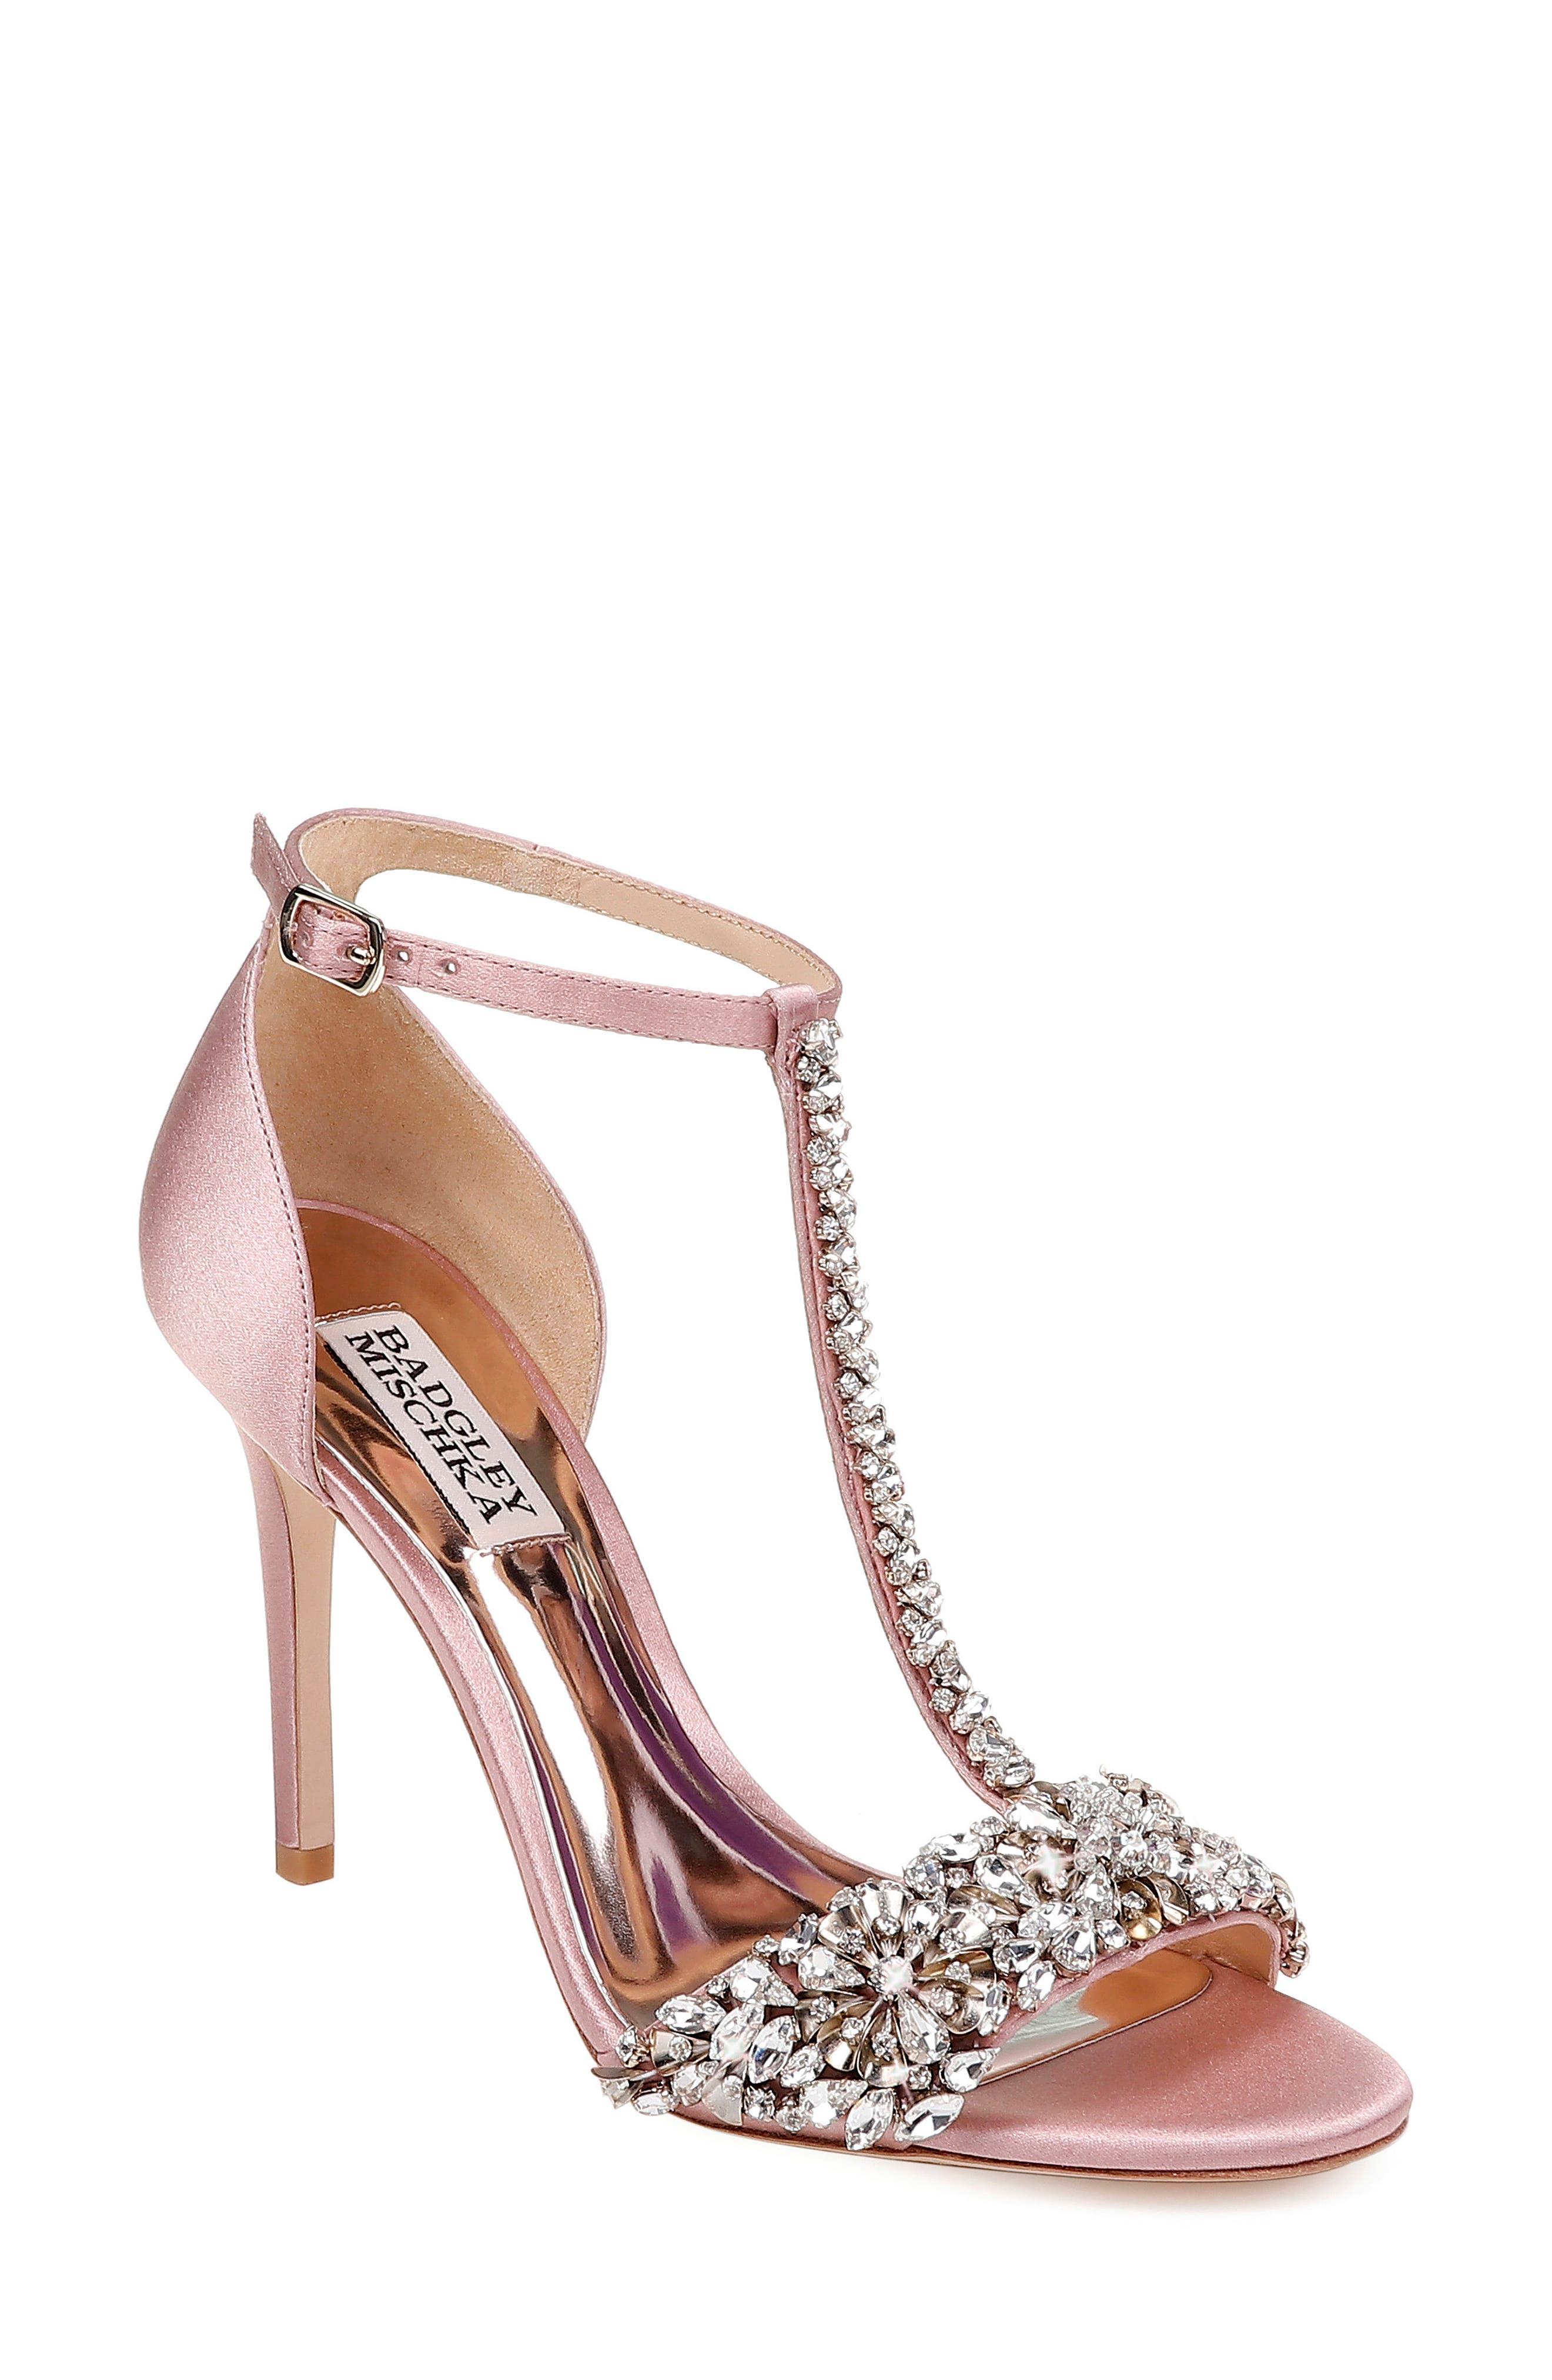 Badgley Mischka Crystal Embellished Sandal, Pink